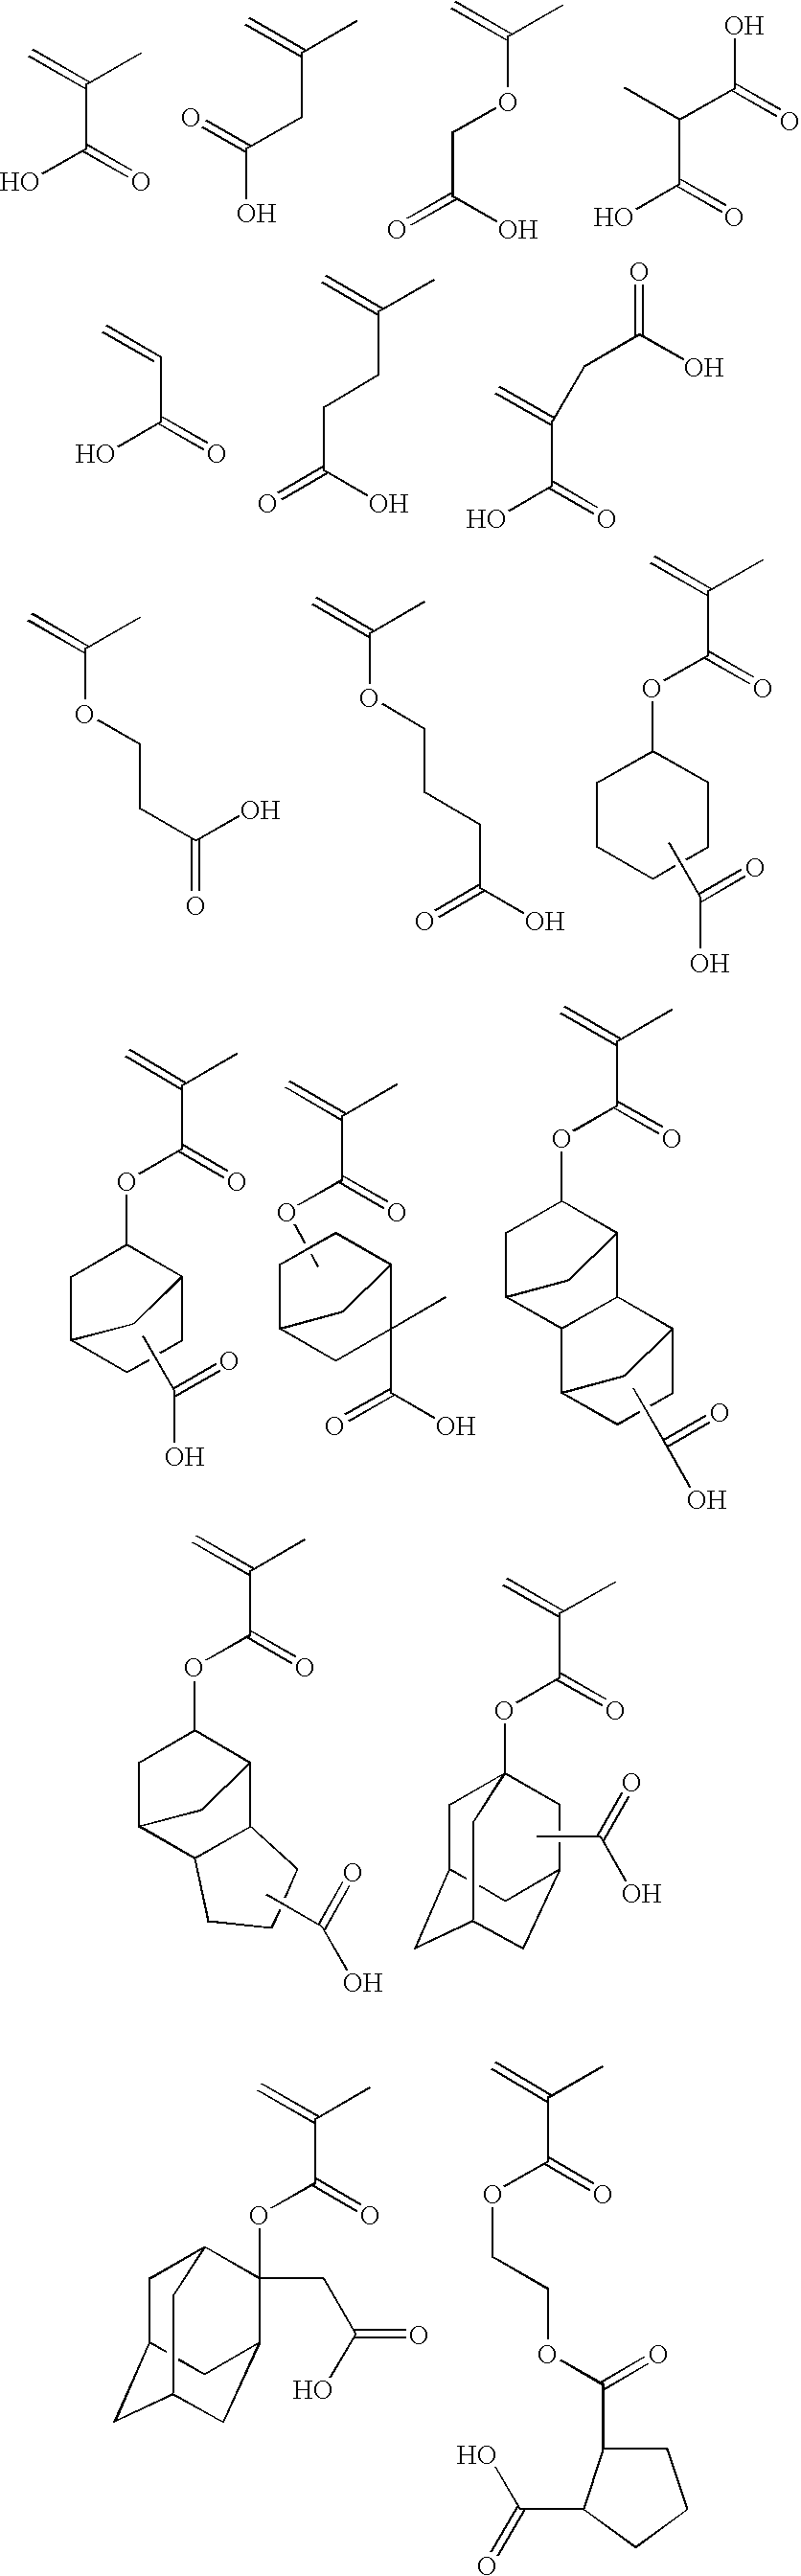 Figure US20100178617A1-20100715-C00046